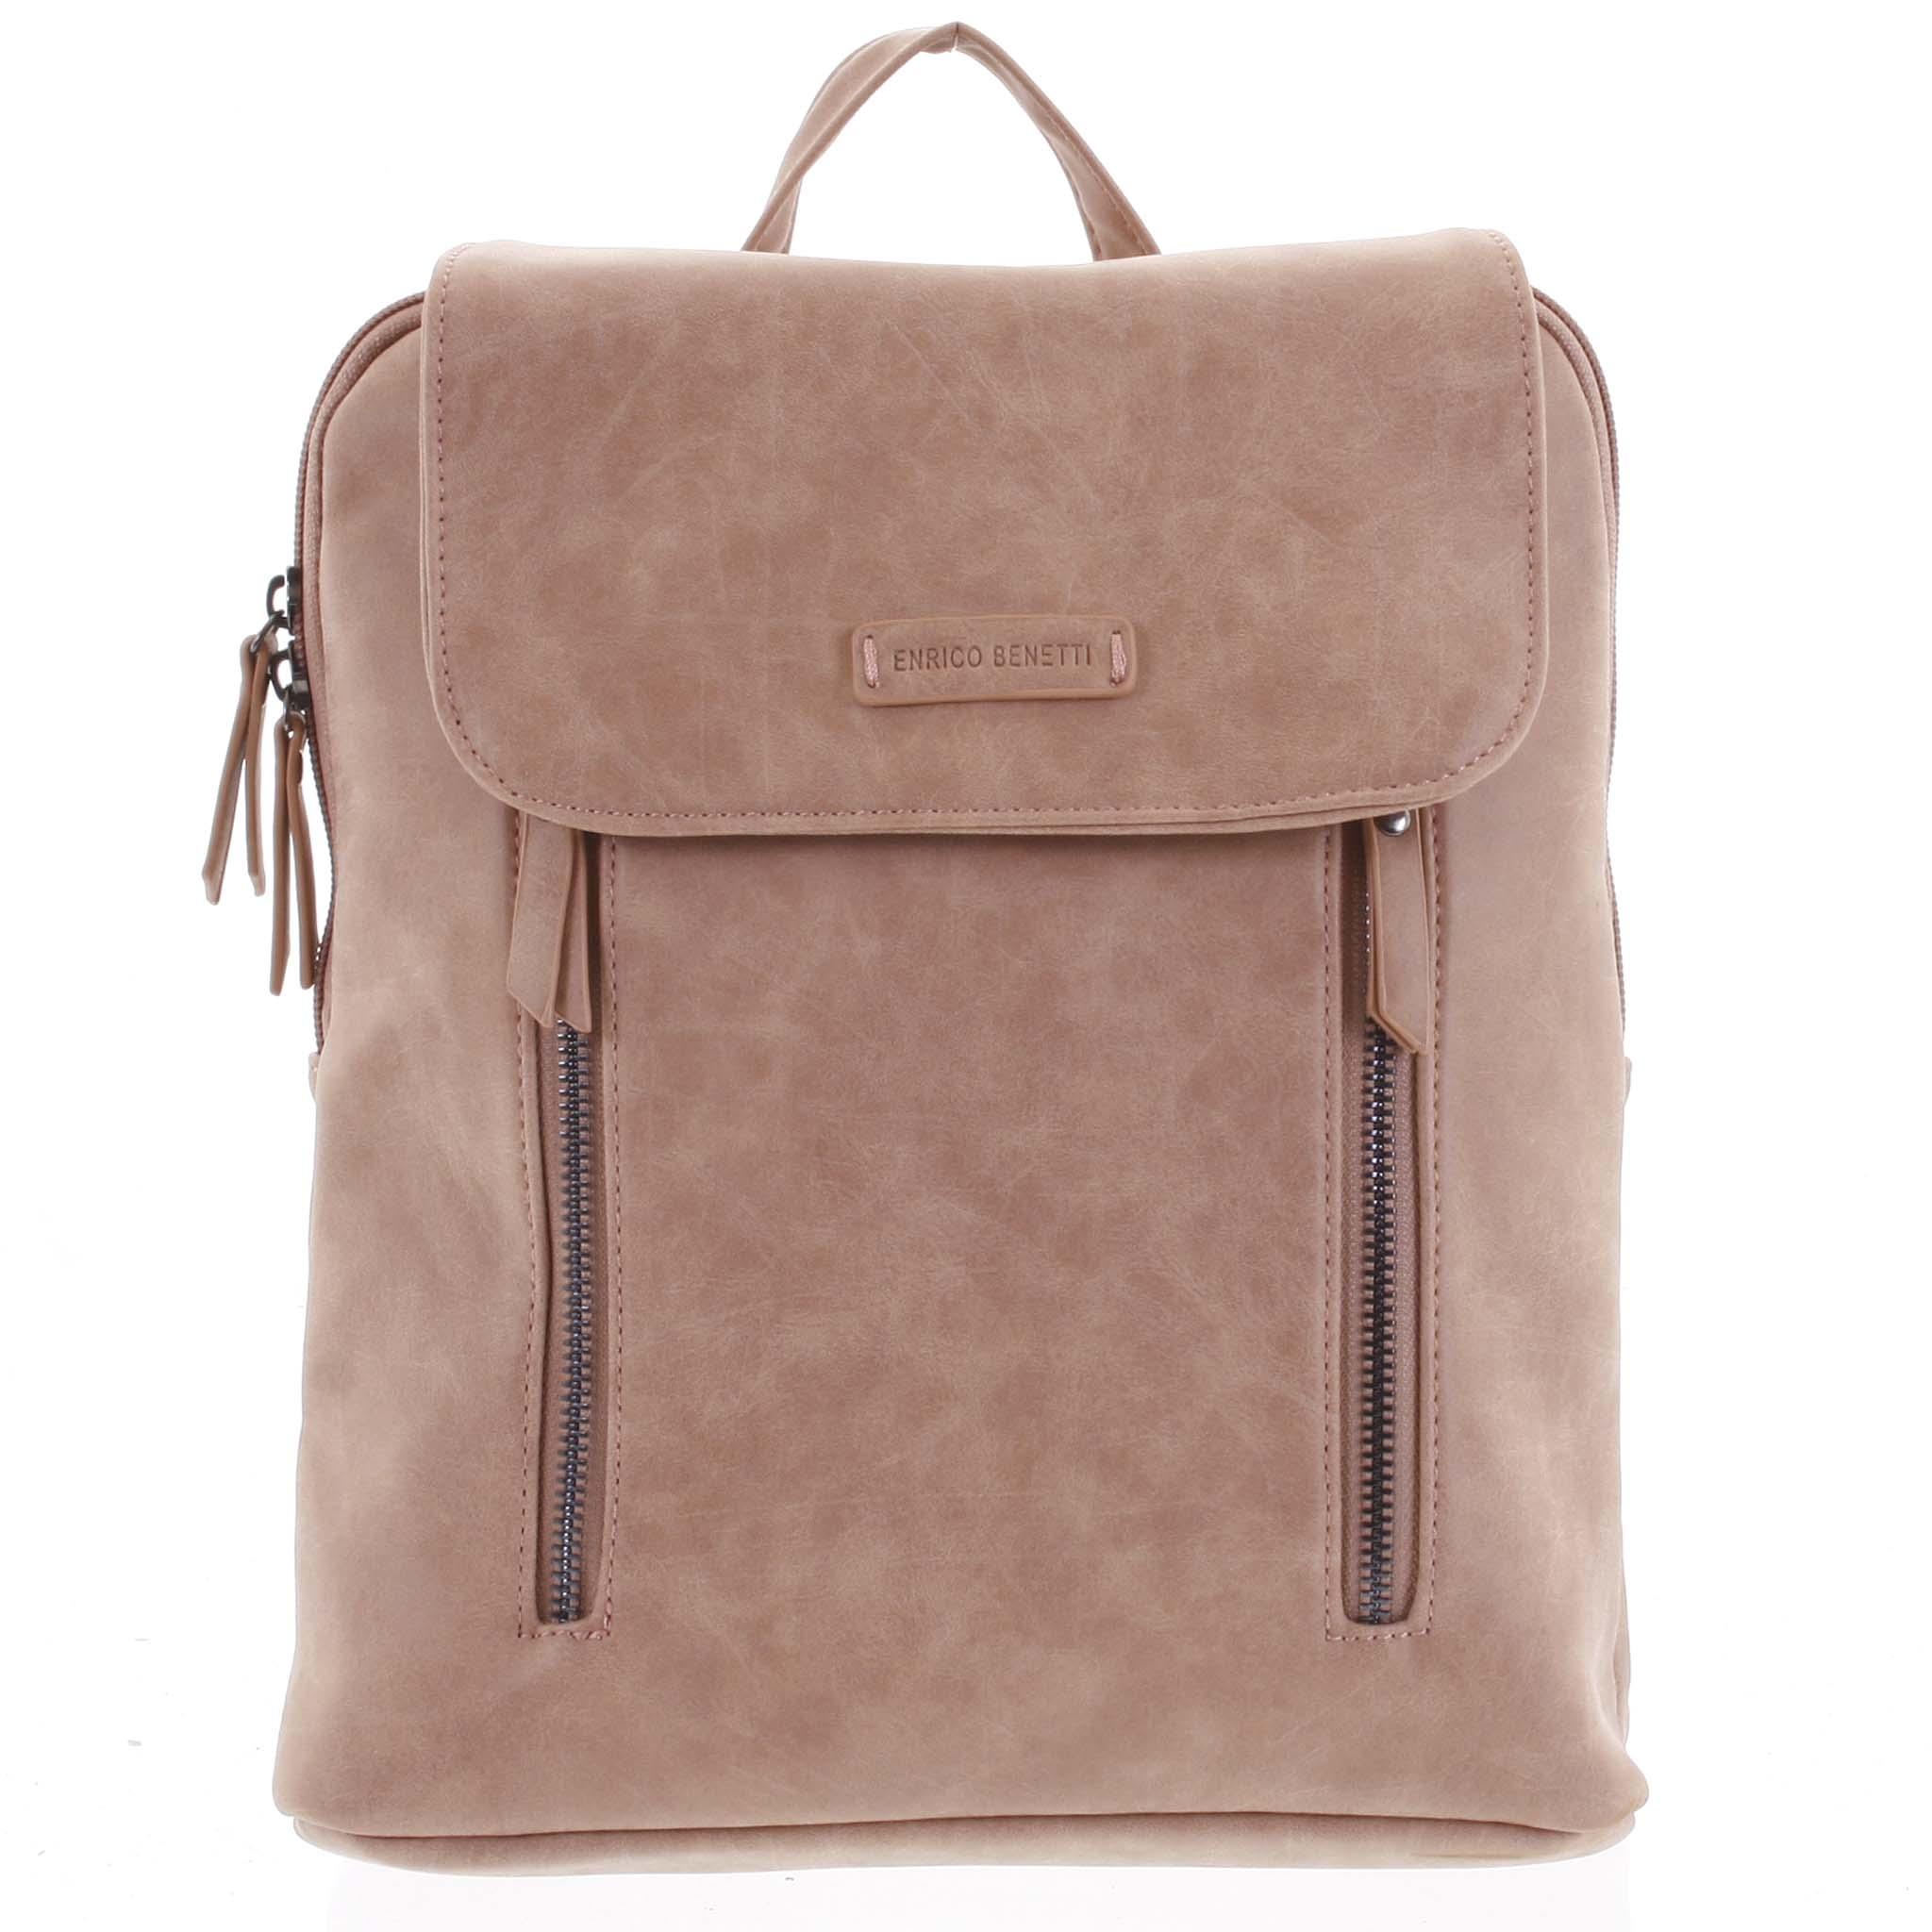 Dámský střední batoh růžový - Enrico Benetti Aviana